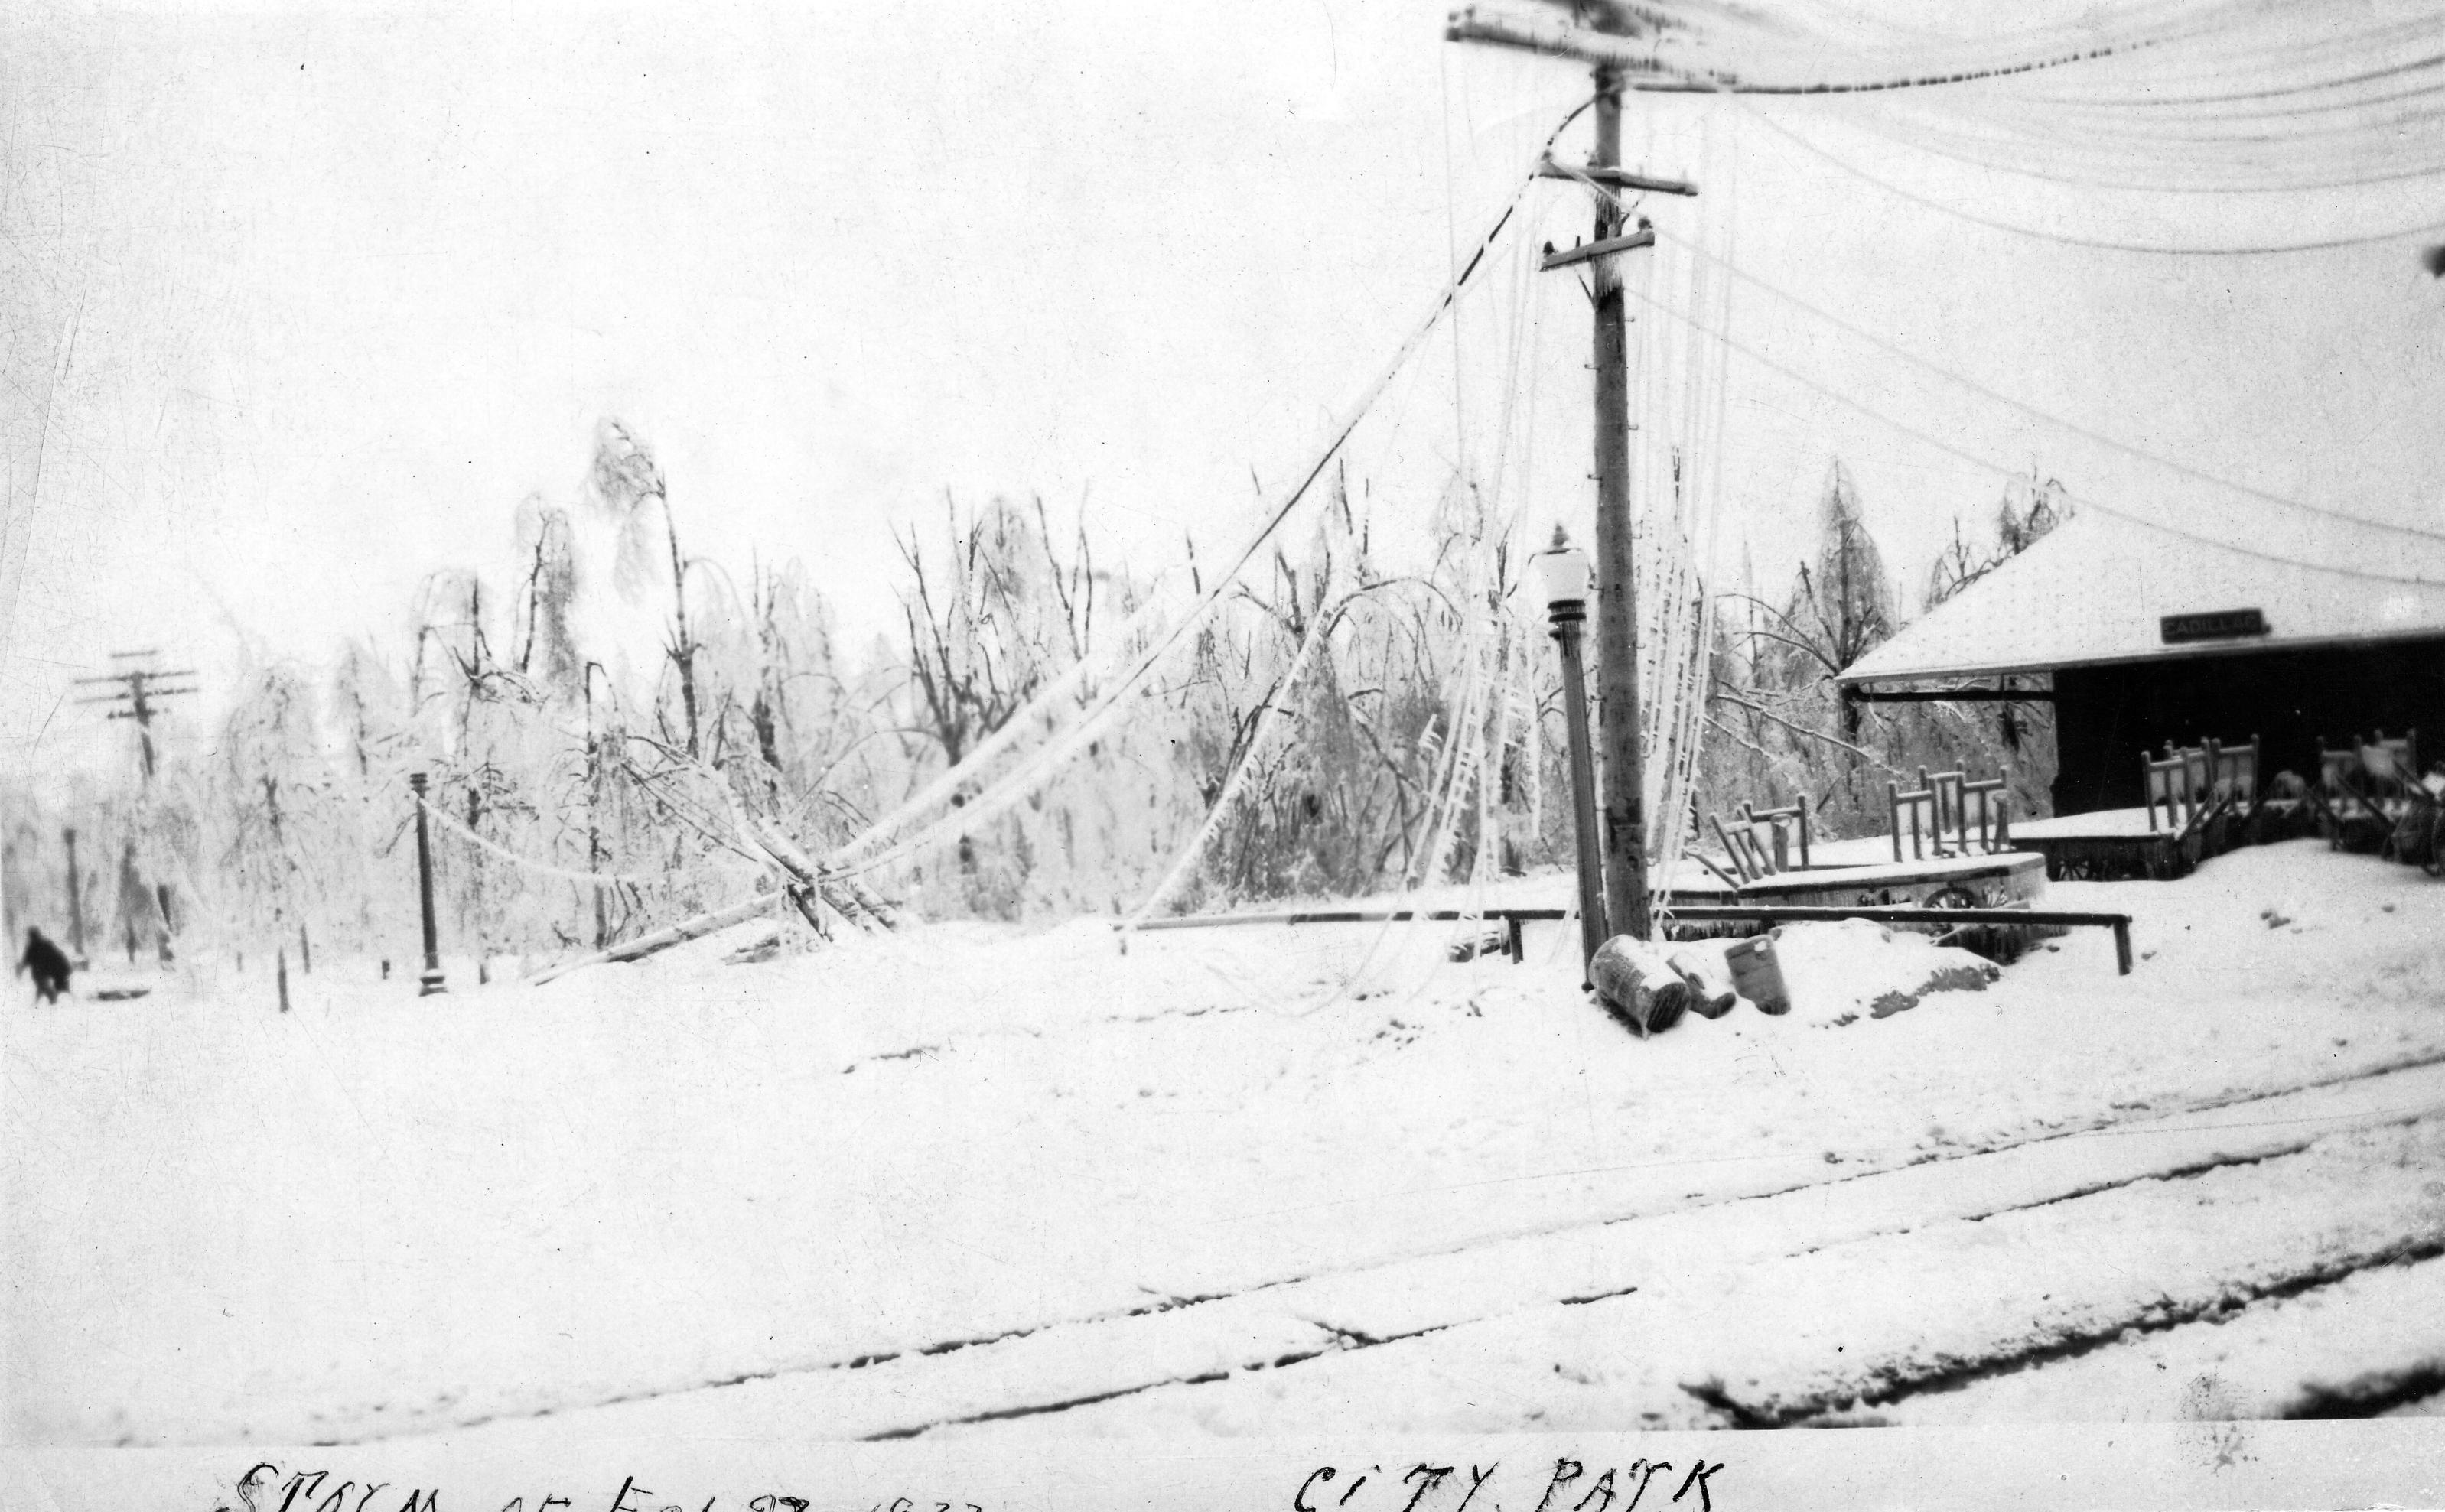 1922 Ice Storm - City Park Near Depot